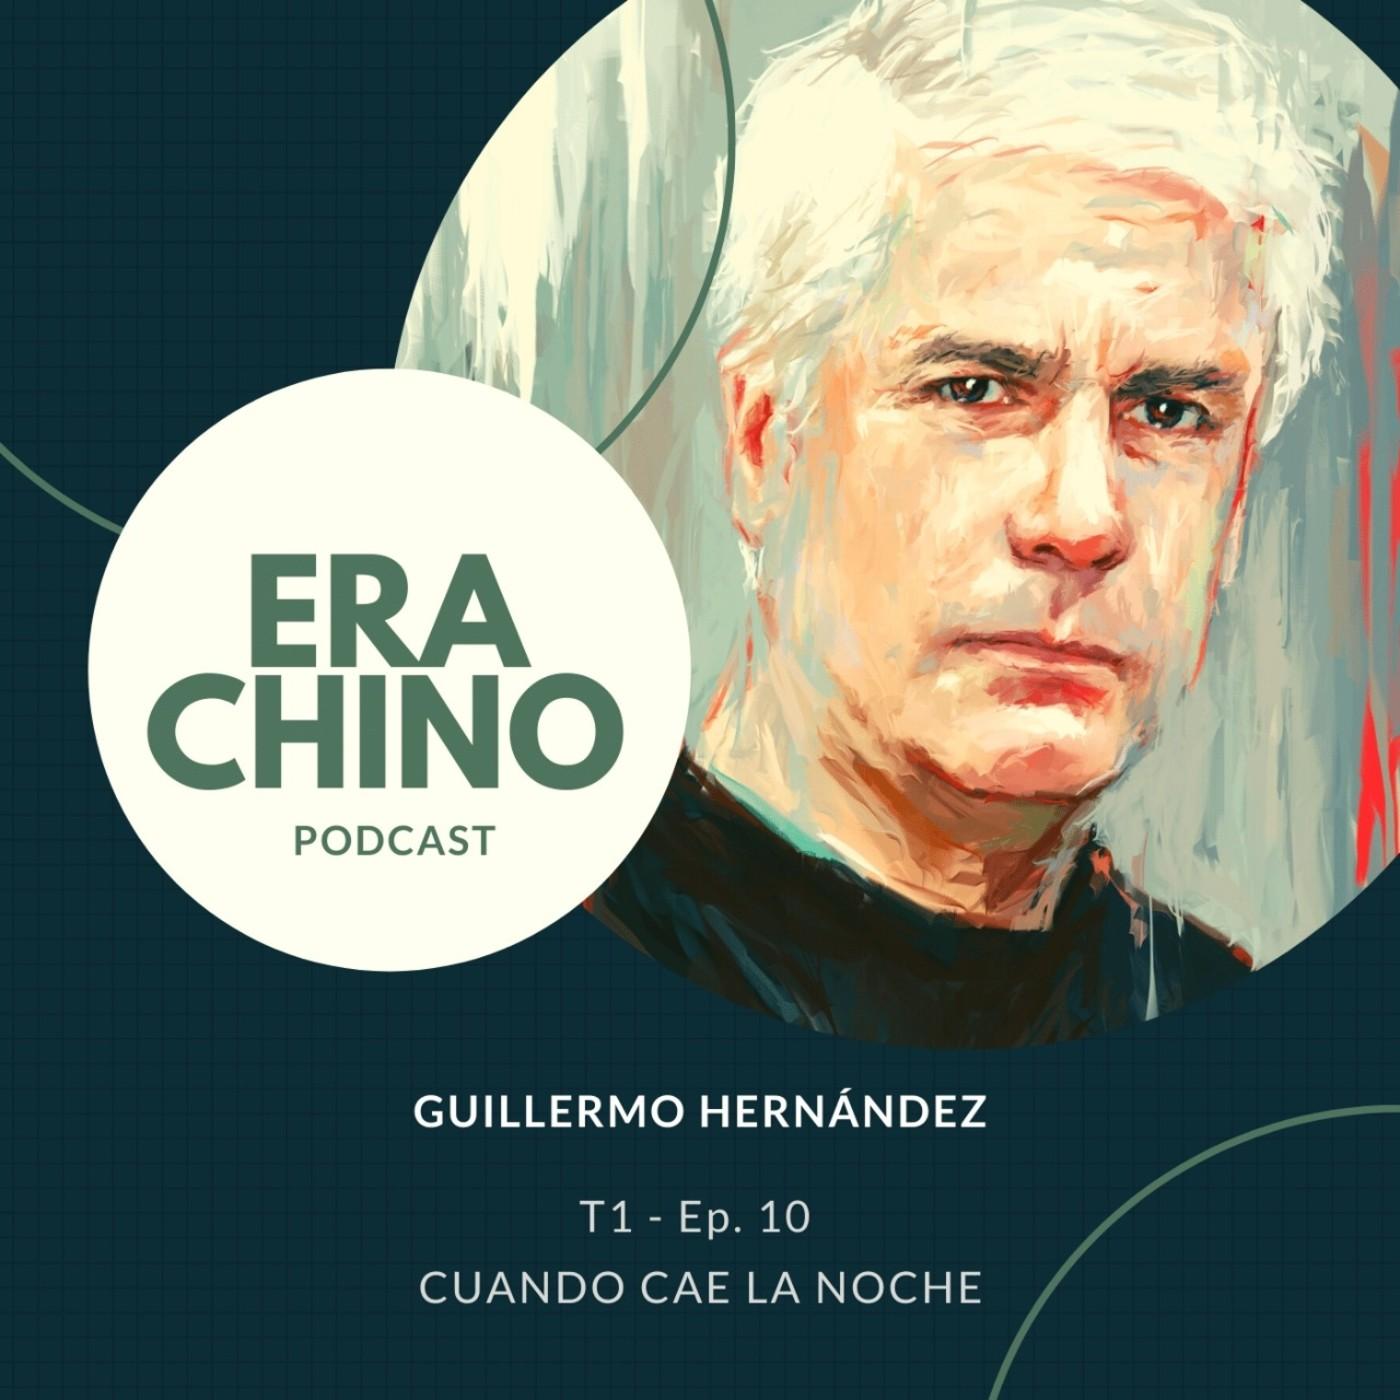 Era Chino T01E10 : Cuando Cae La Noche.